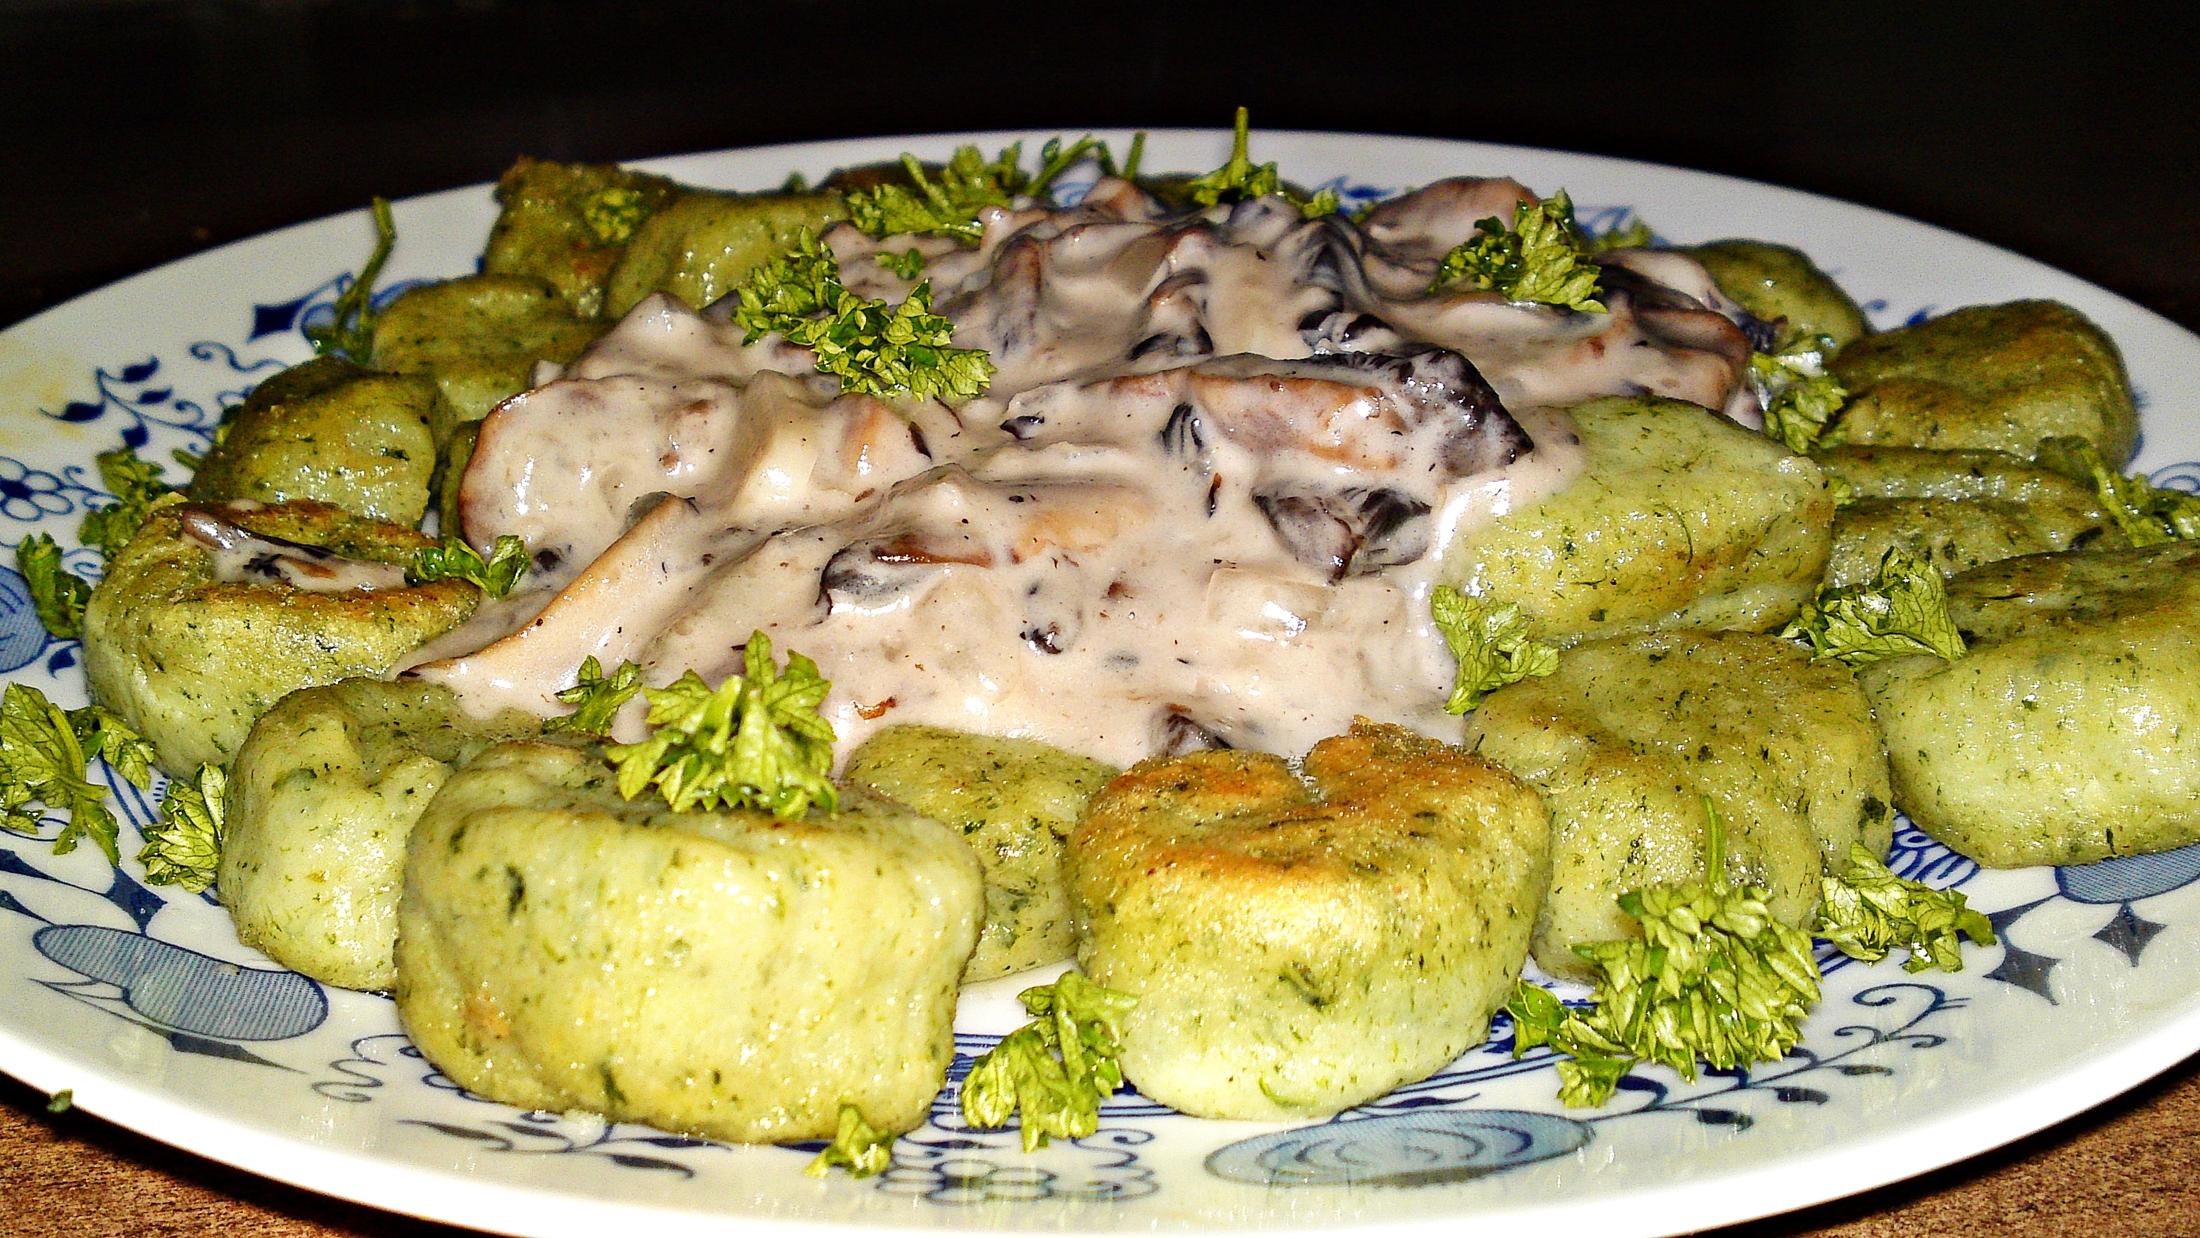 Recept Domáce špenátové gnocchi so šampiňónovou omáčkou - Gnocchi servírujeme horké přelité omáčkou a posypané petrželovou natí.